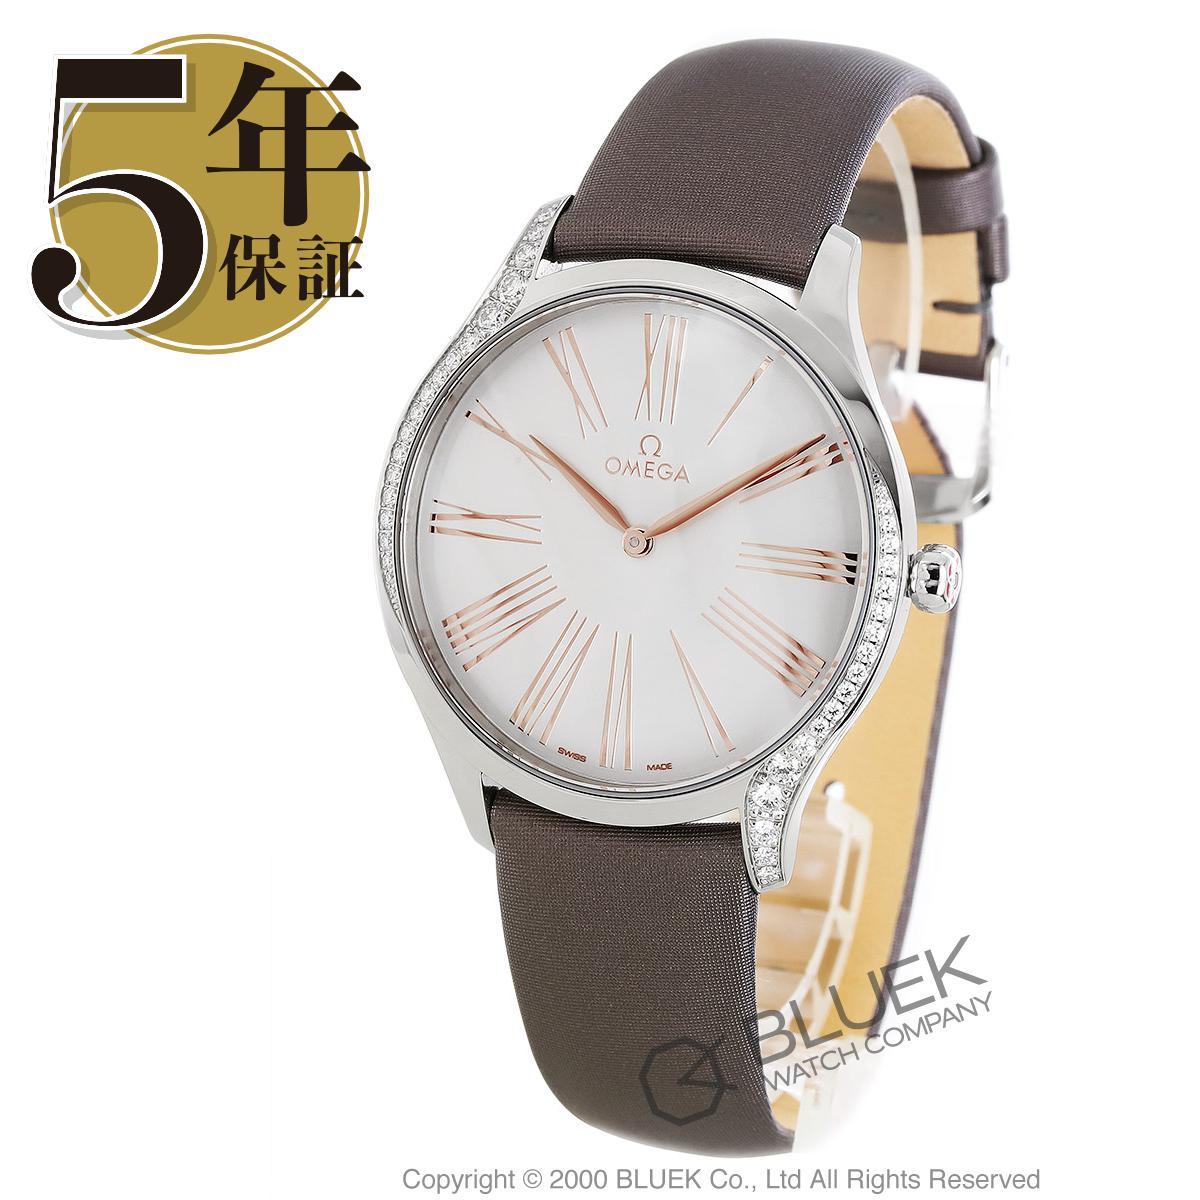 オメガ デビル トレゾア ダイヤ サテンレザー 腕時計 レディース OMEGA 428.17.39.60.02.001_5